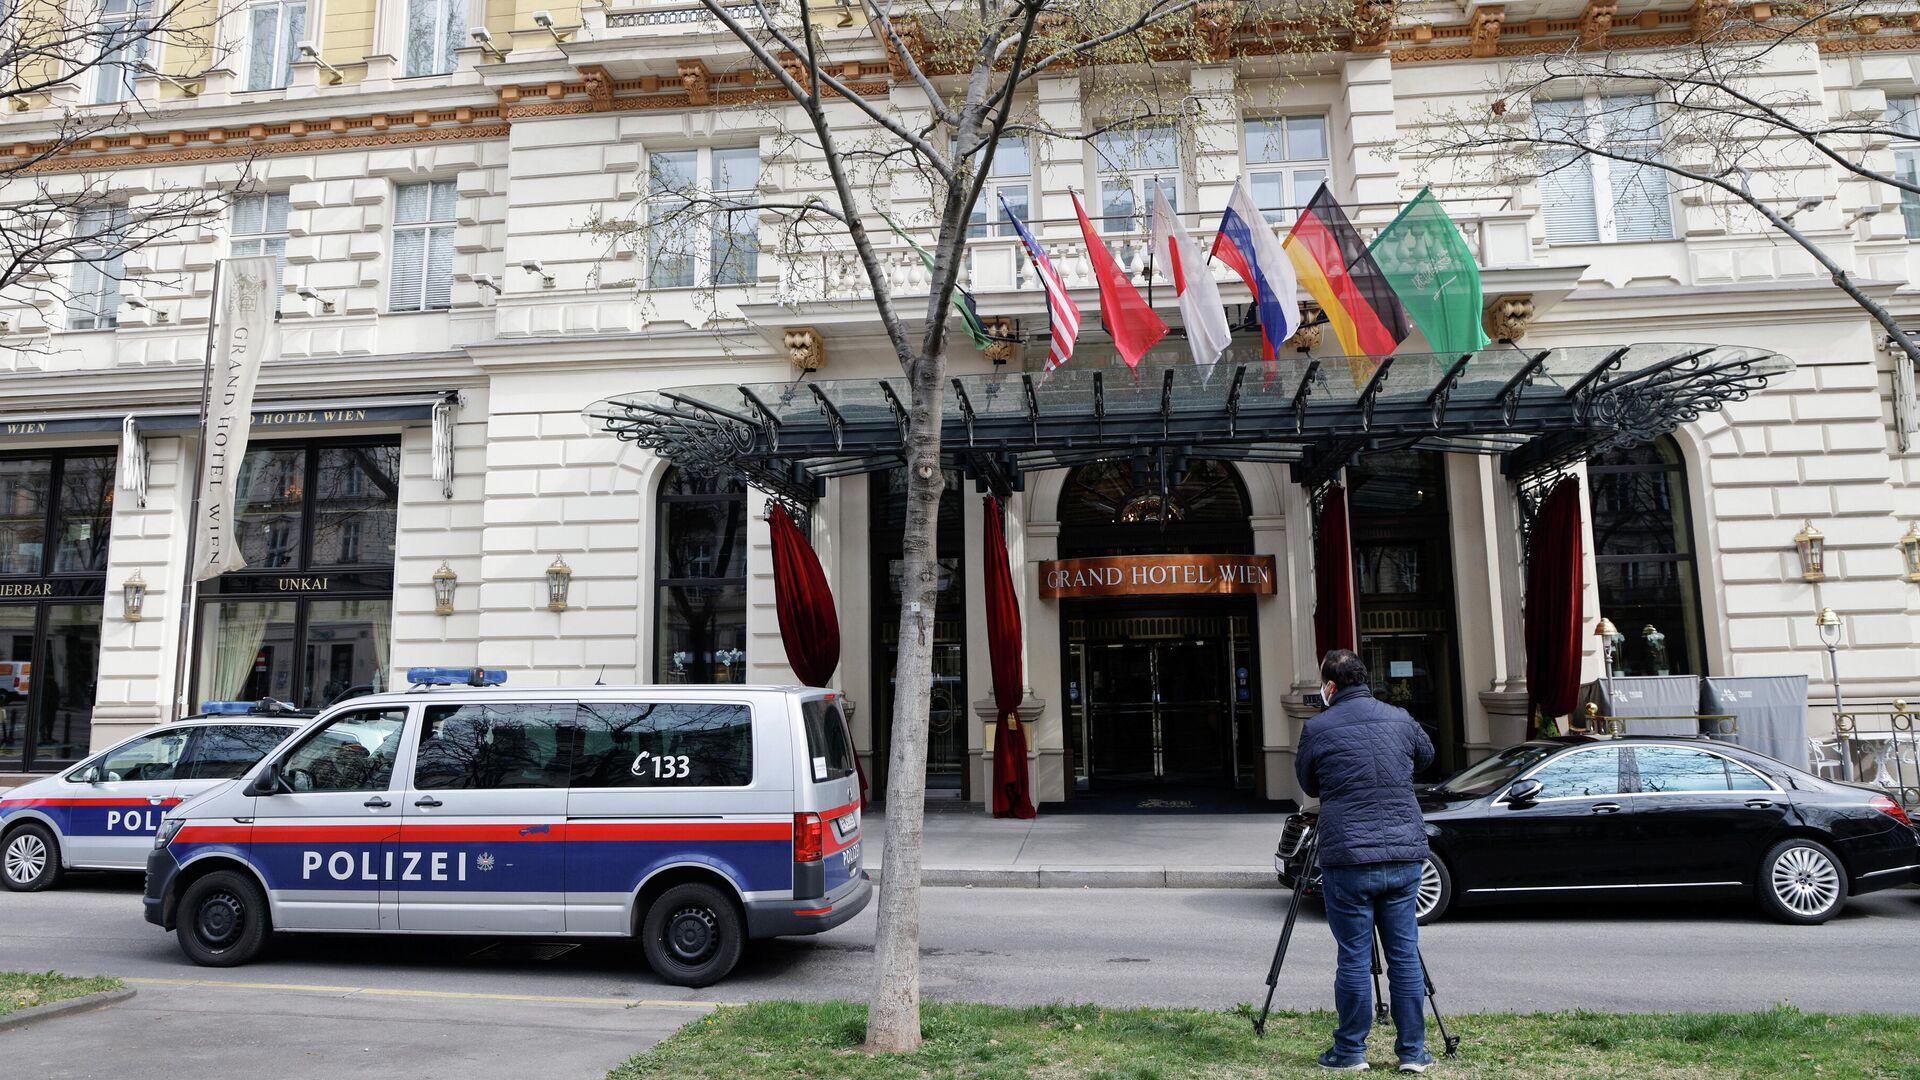 Полиция и оператор возле отеля, где проходит заседание Совместной комиссии по реализации СВПД в Вене - РИА Новости, 1920, 29.04.2021